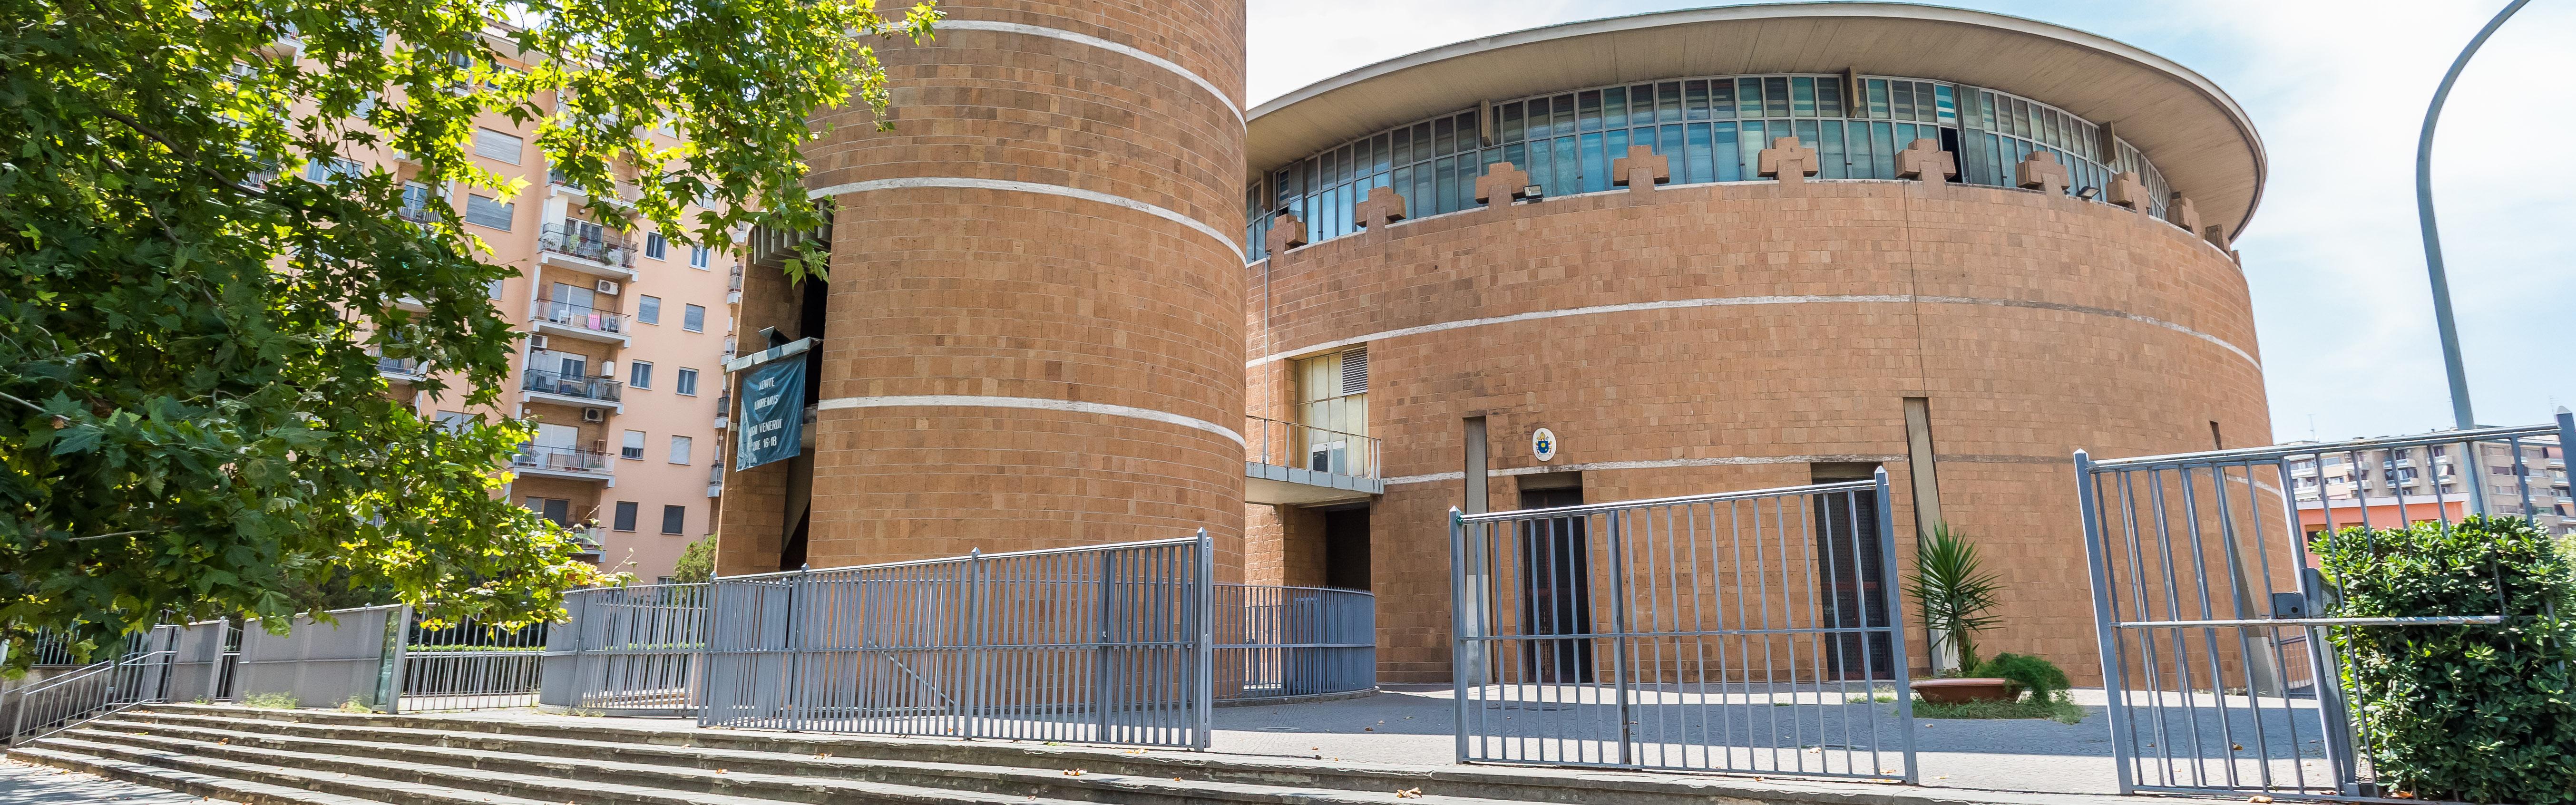 Costo costruzione casa al metro quadro awesome abitazioni for Costo di costruzione casa